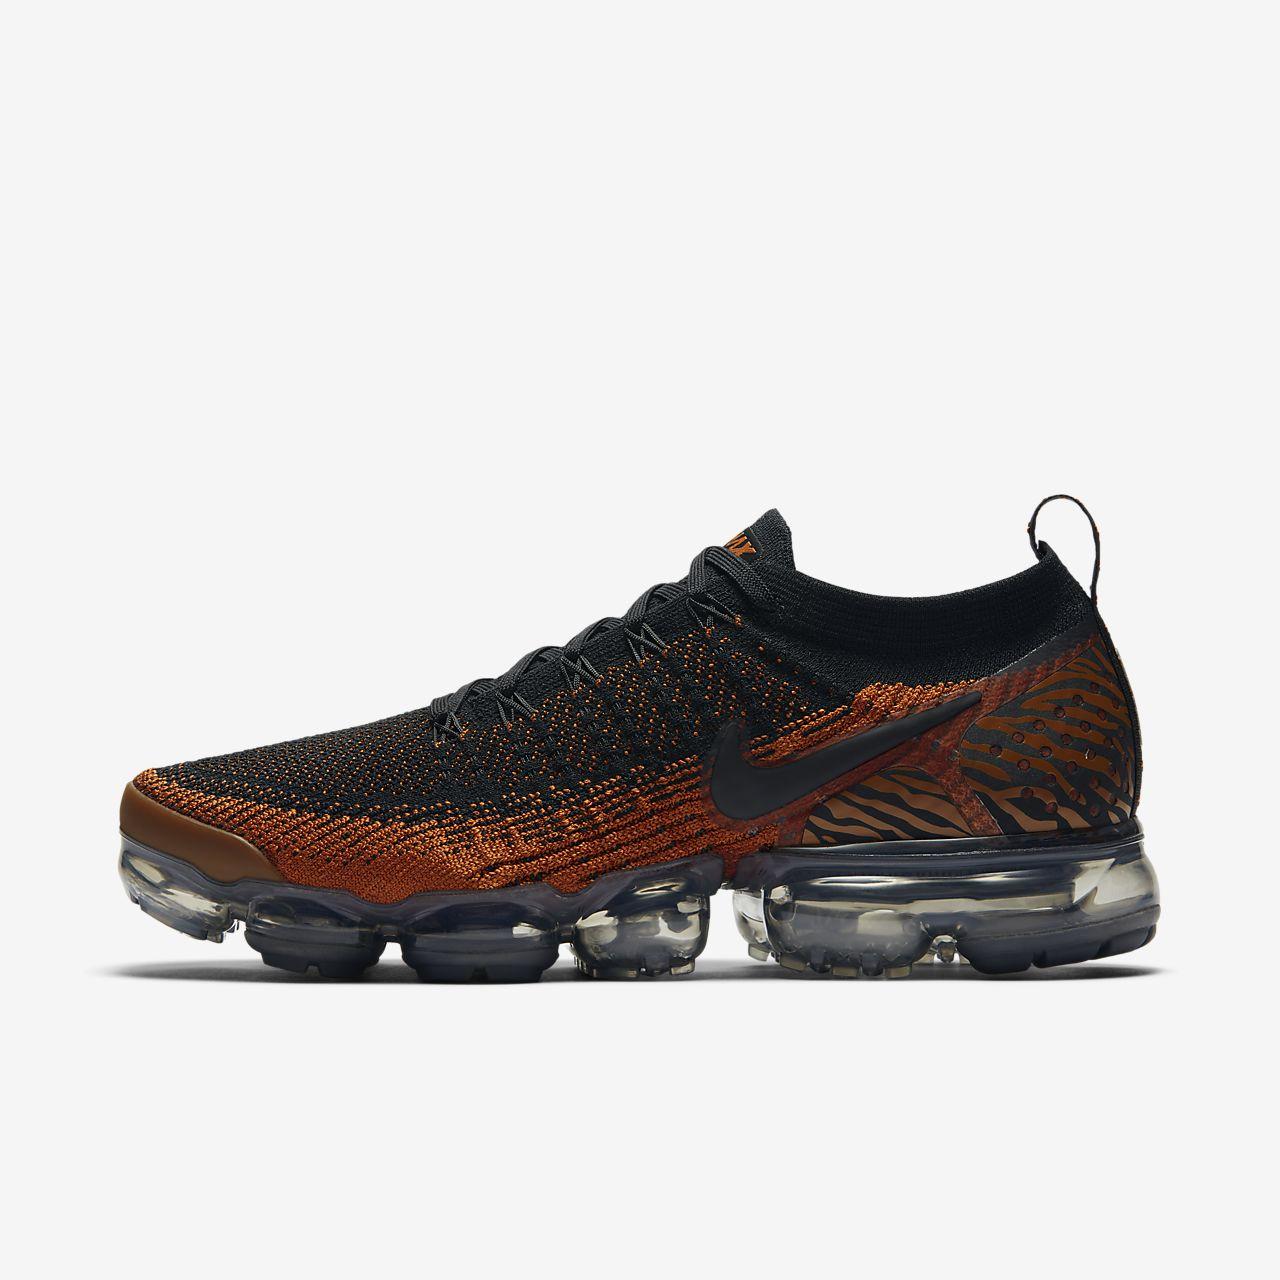 new arrival ff393 70d05 ... Nike Air VaporMax Flyknit 2 Tiger-sko til mænd